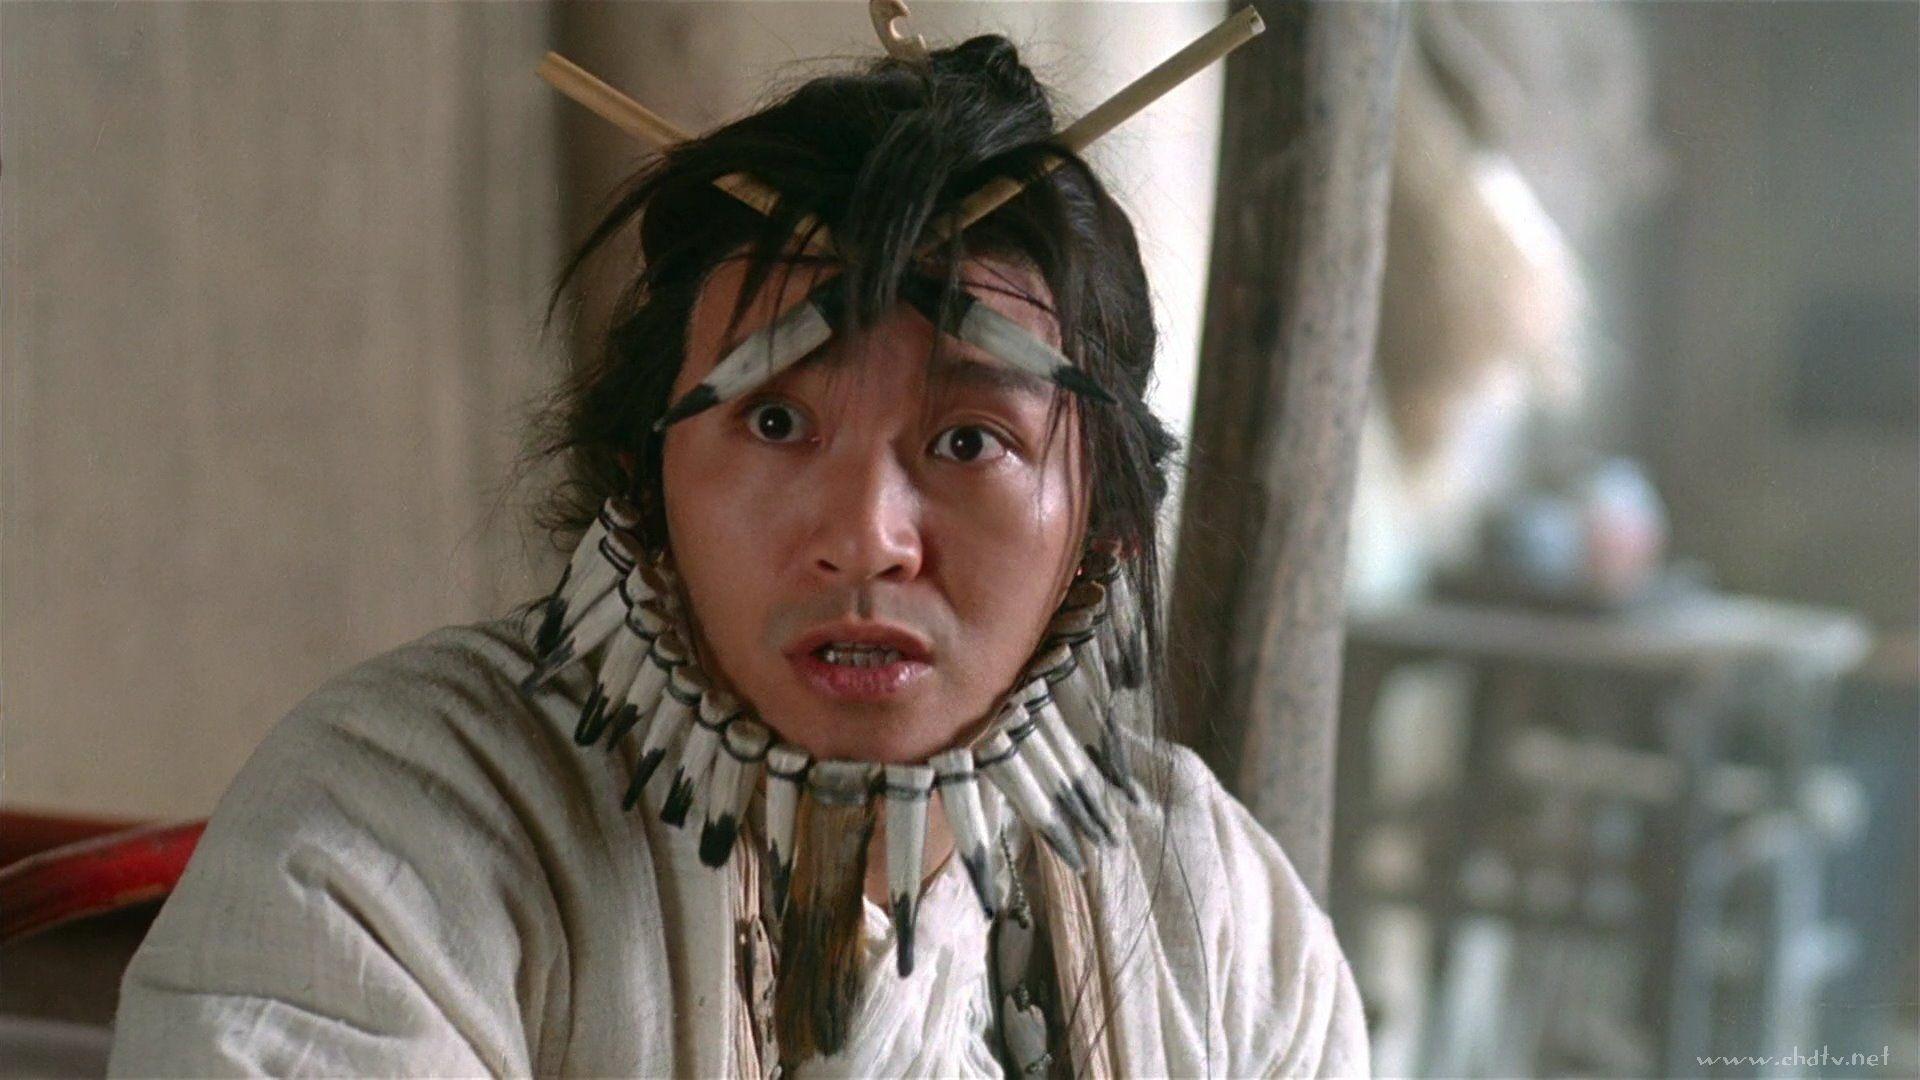 【原 片 名】A Chinese Odyssey Part I 【中 文 名】大话西游之月光宝盒 【出品年代】1994 【IMDB链接】http://www.imdb.com/title/tt0112778 【IMDB评分】7.8/10 (1,090 votes) 【国  家】中国香港 【语  言】国语/粤语 【类  别】动作/冒险/爱情/荒诞 【导  演】刘镇伟 (Jeffrey Lau) 【主  演】周星驰 (Stephen Chow)       Joker/Monkey King       蓝